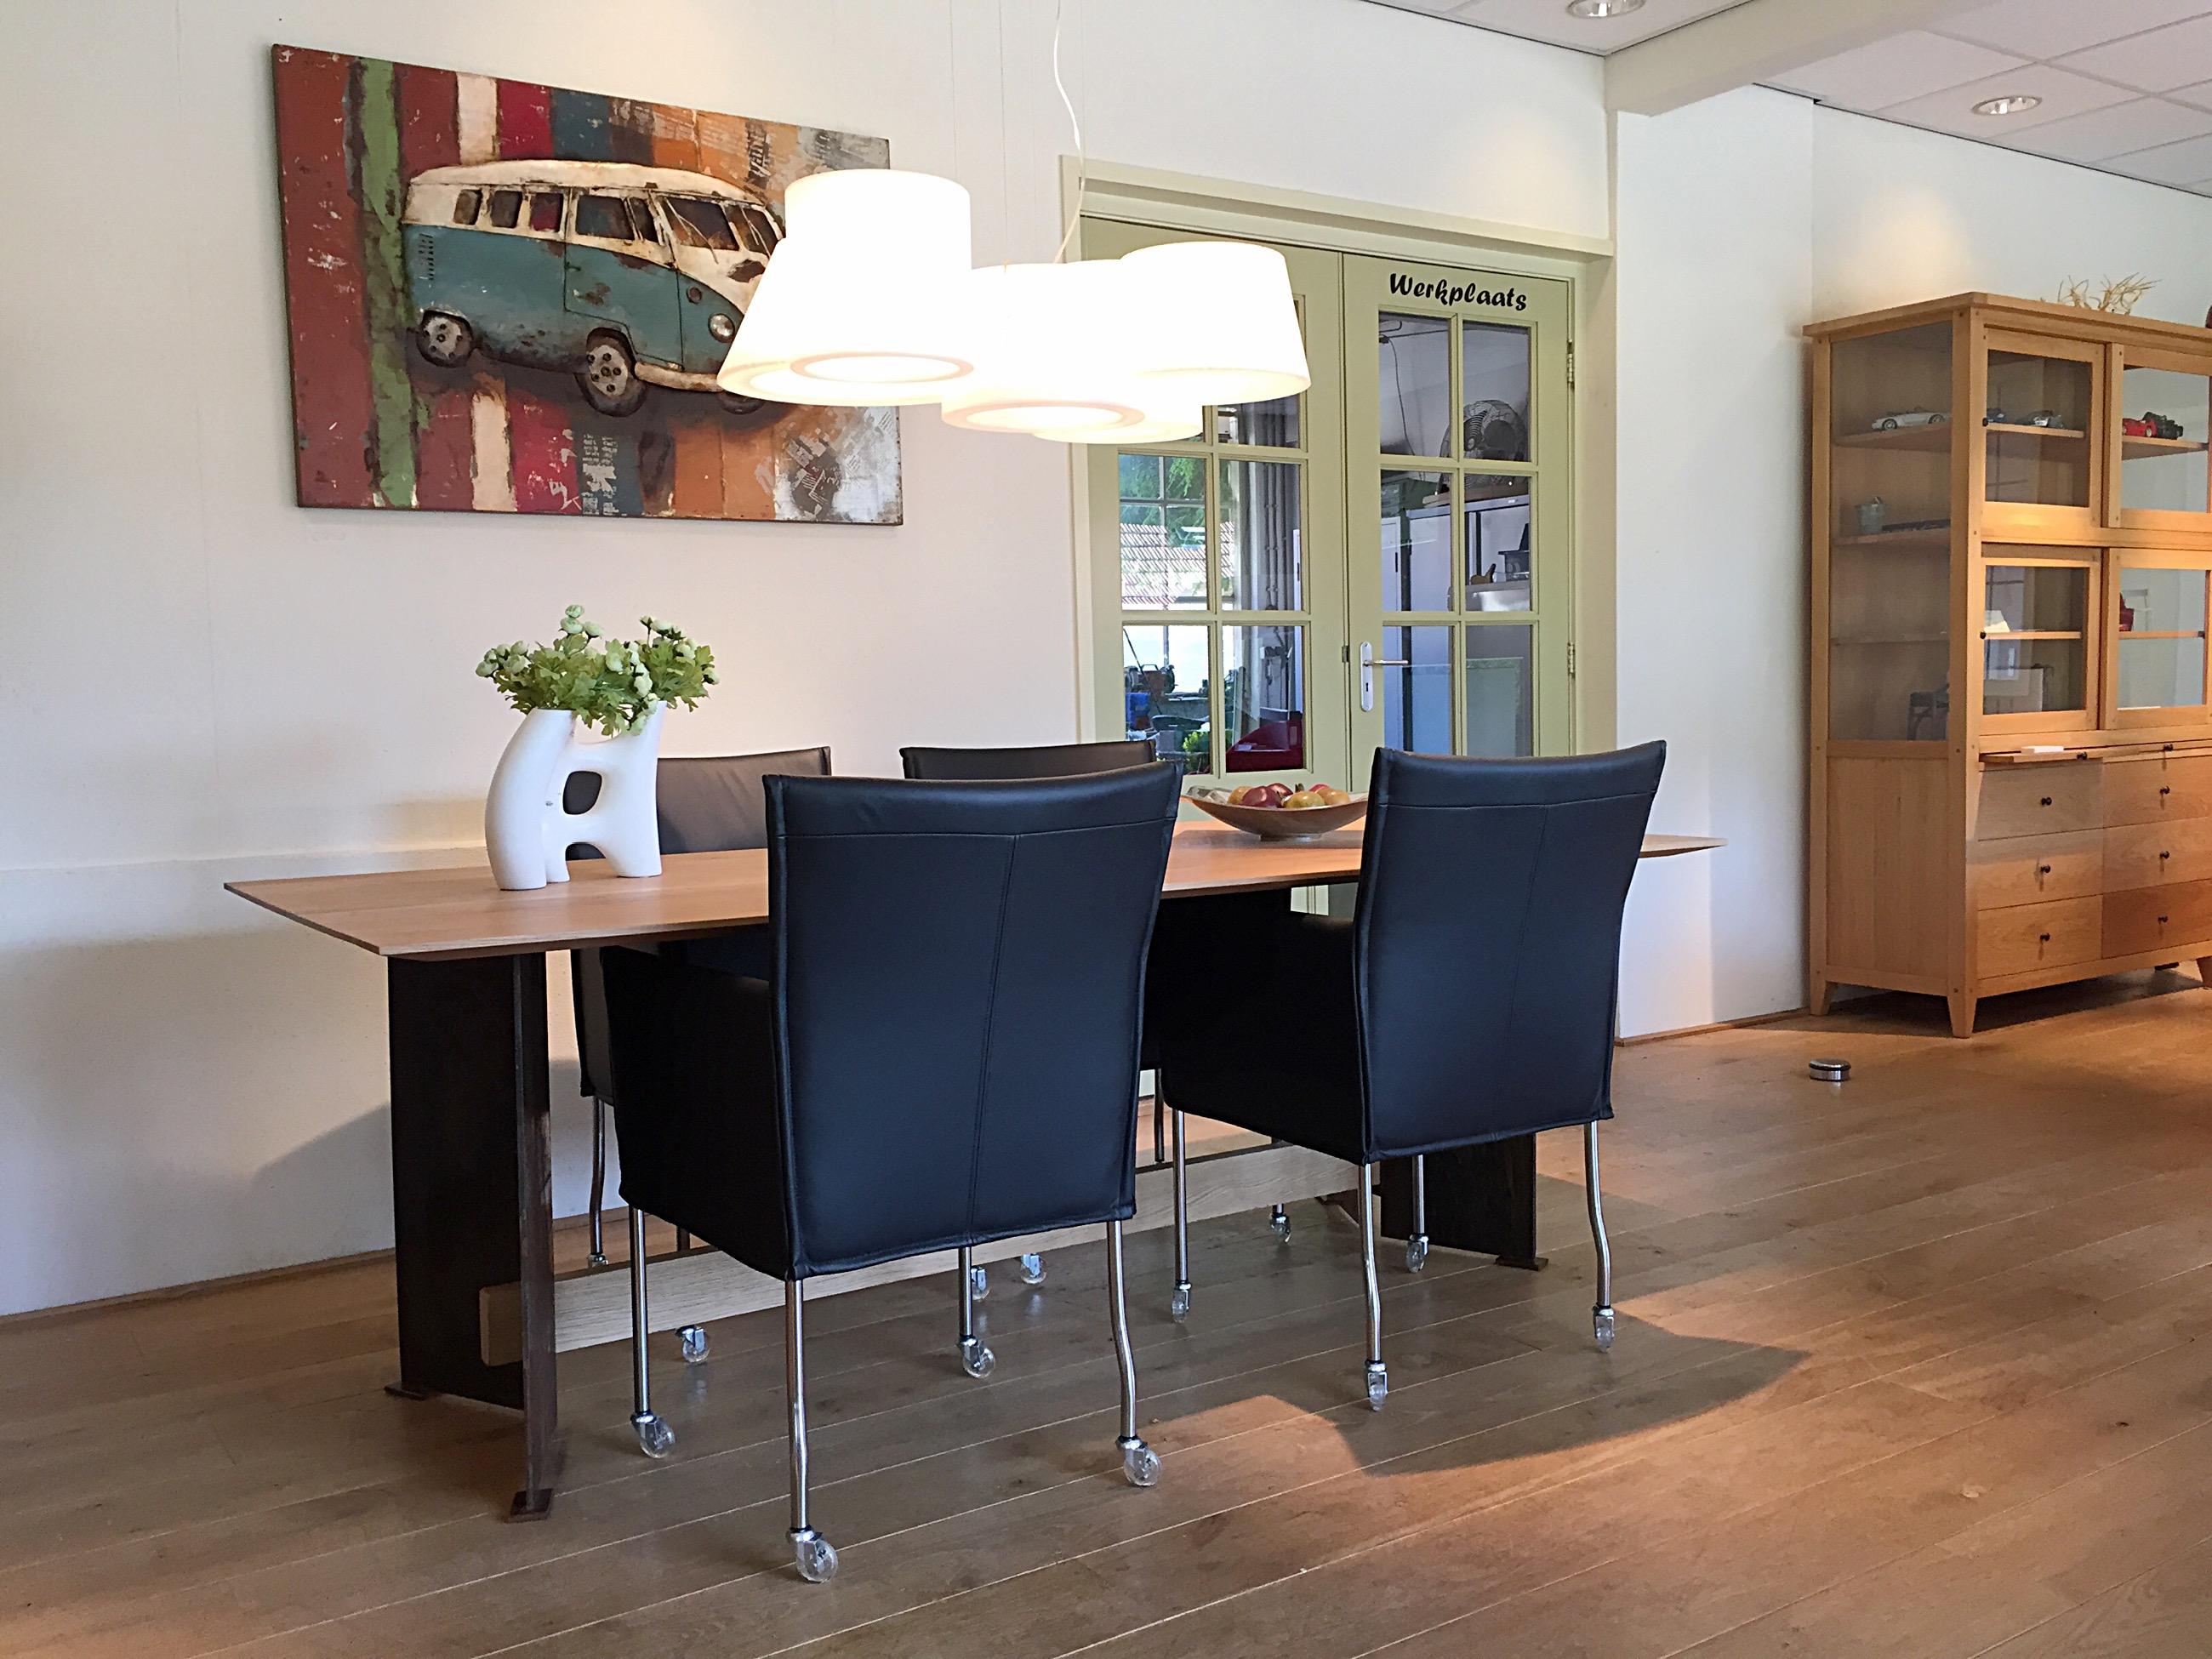 Prachtige eettafel met bijpassende stoelen